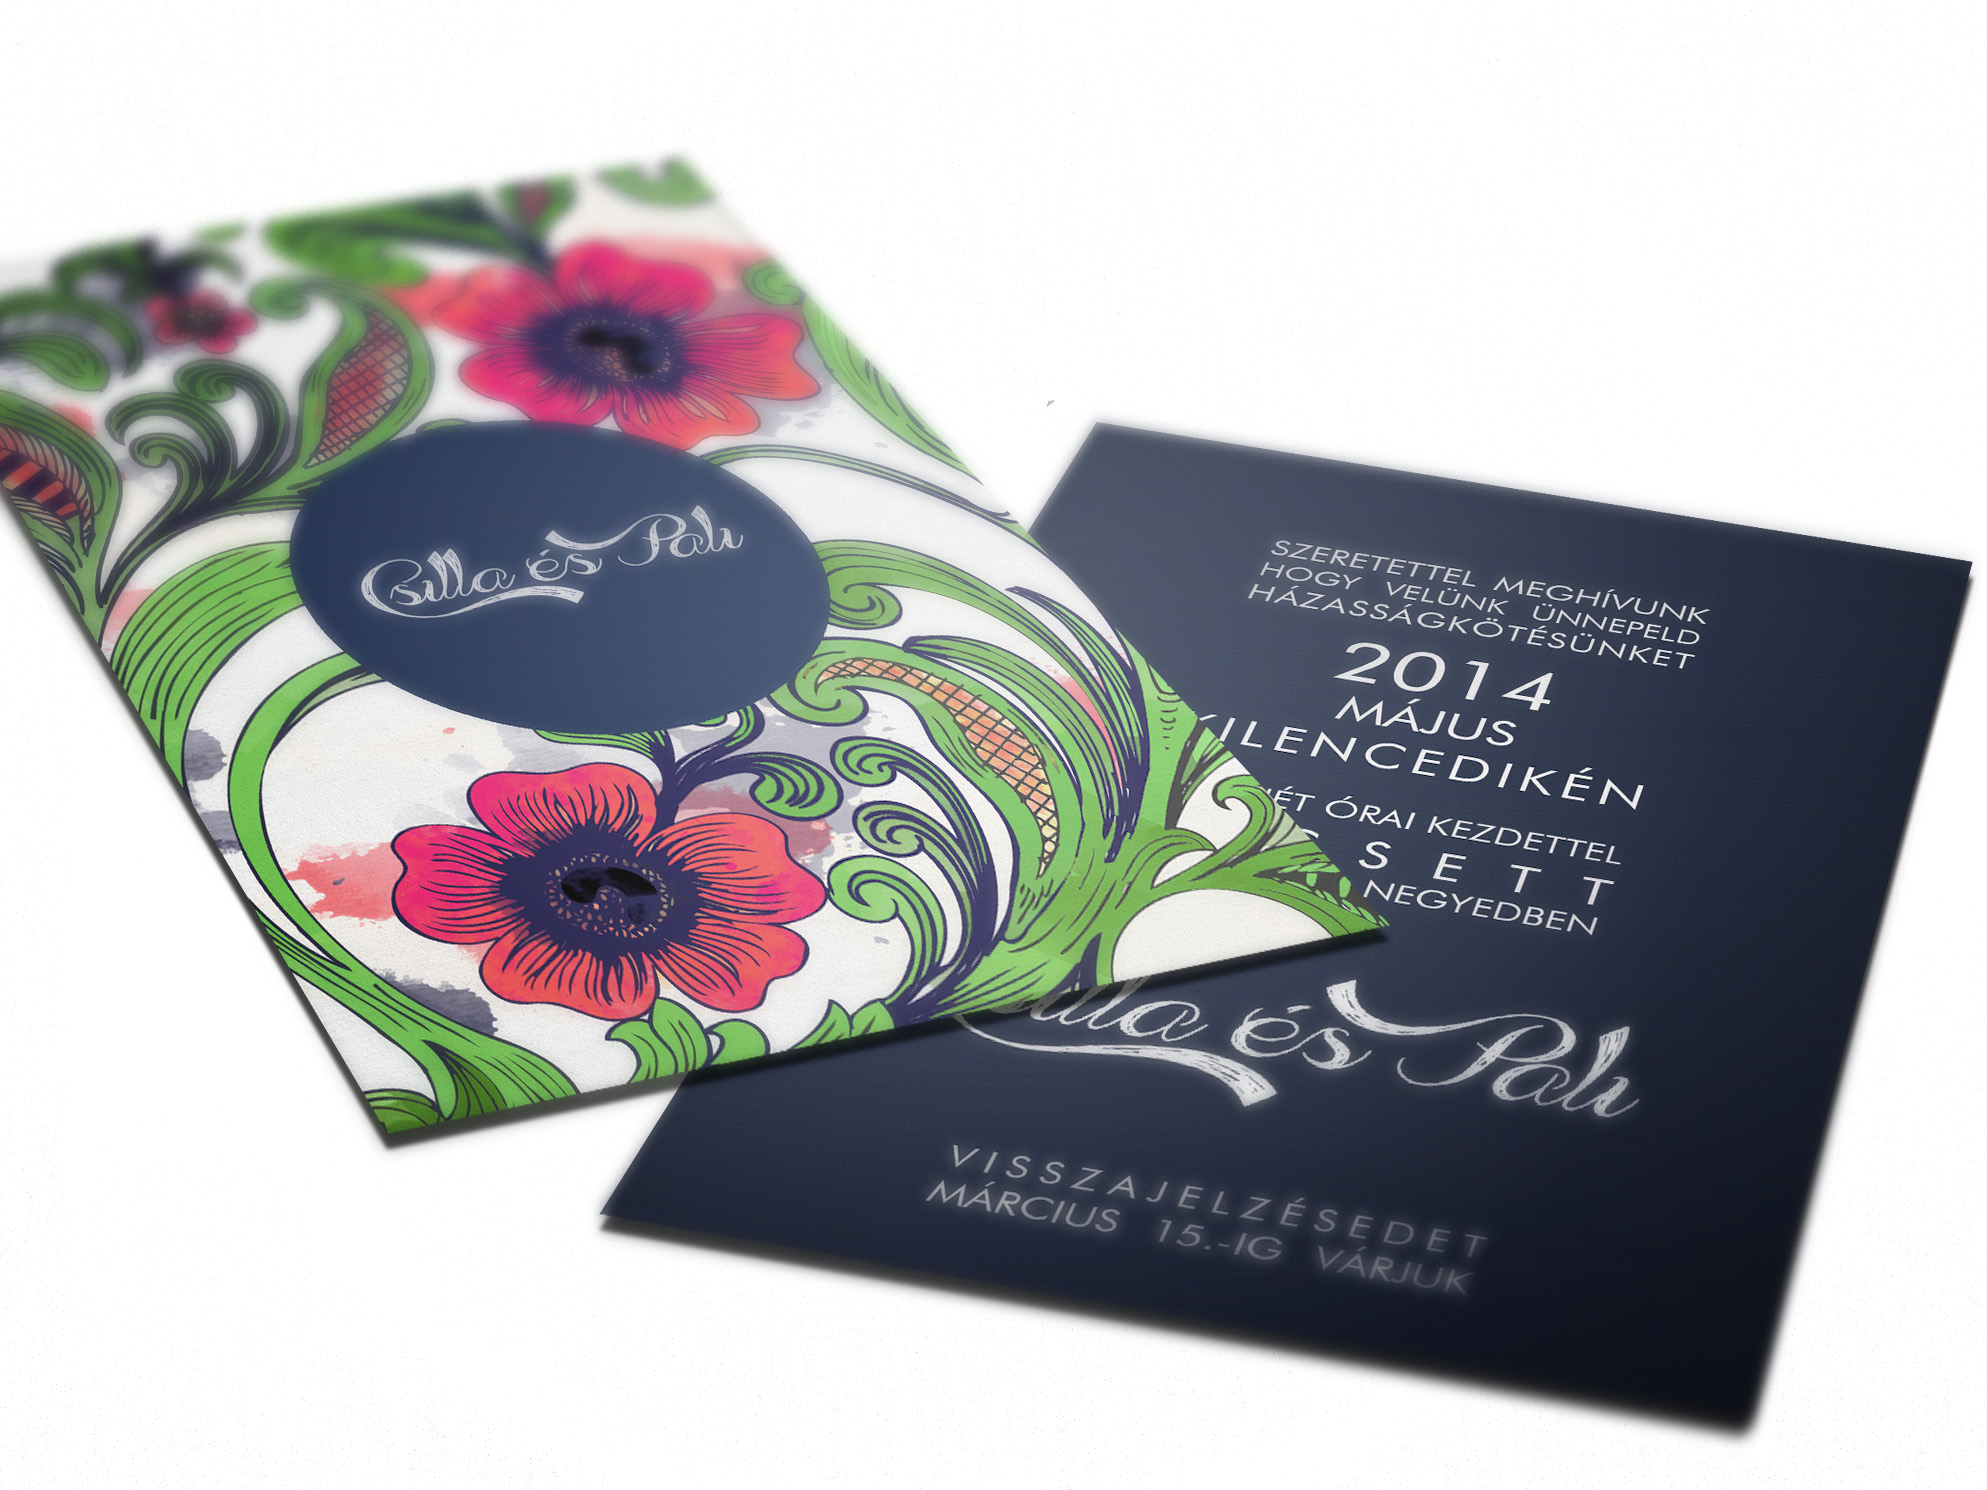 64a5d8e14a Főoldal - Egyedi esküvői meghívó tervezés és készítés